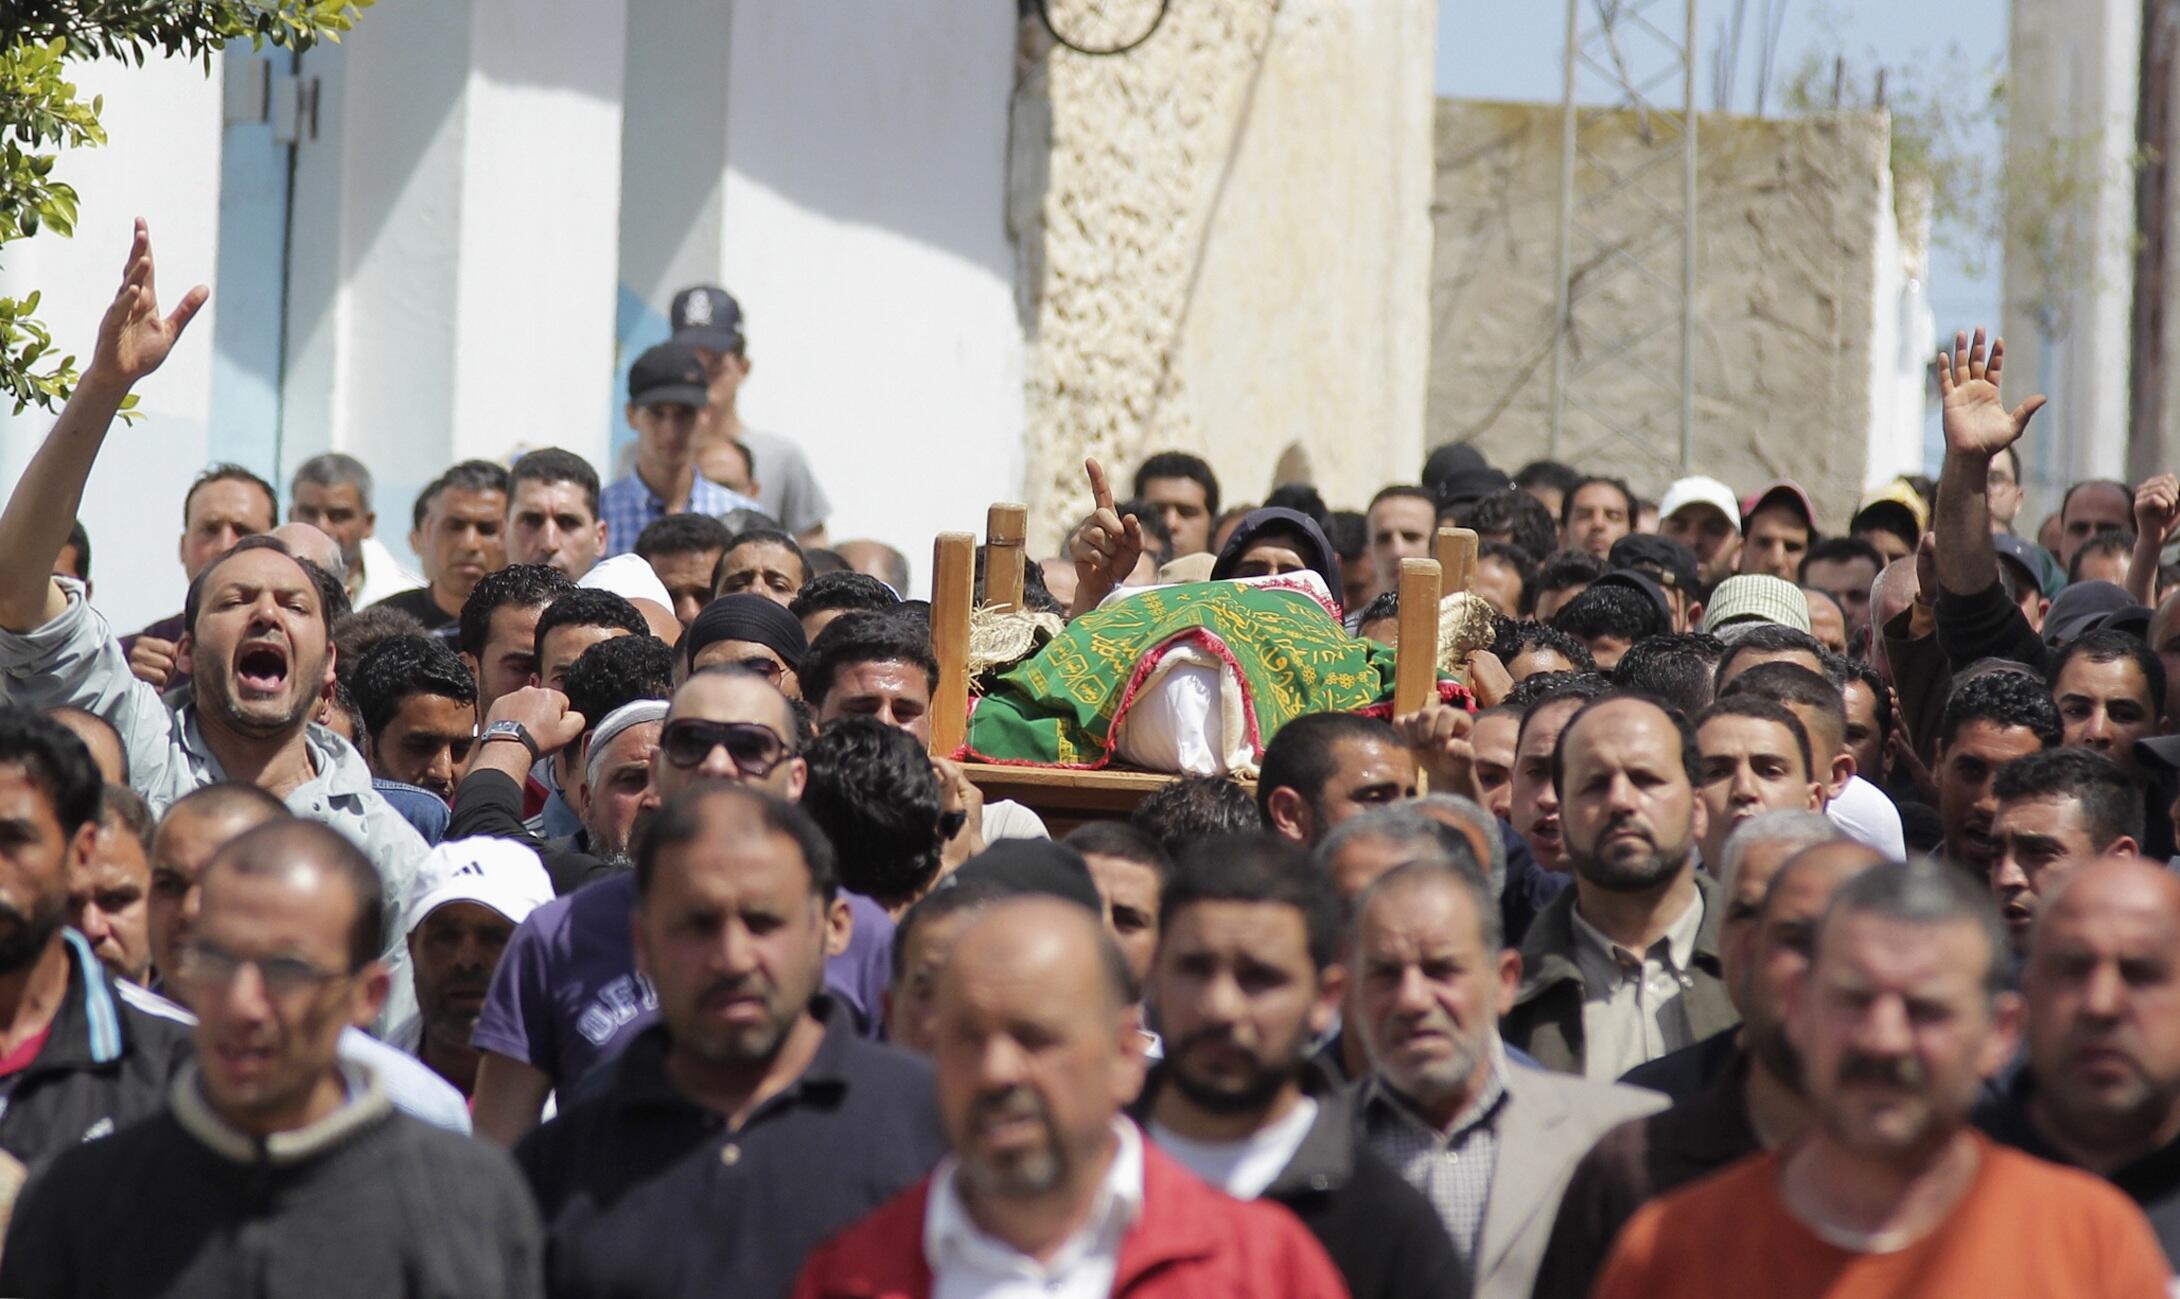 Les salafistes sont à l'origine de nombreuses manifestations en Tunisie, comme lors de ces funérailles d'un jeune homme tué par la police. Hergla, le 12 avril 2013.